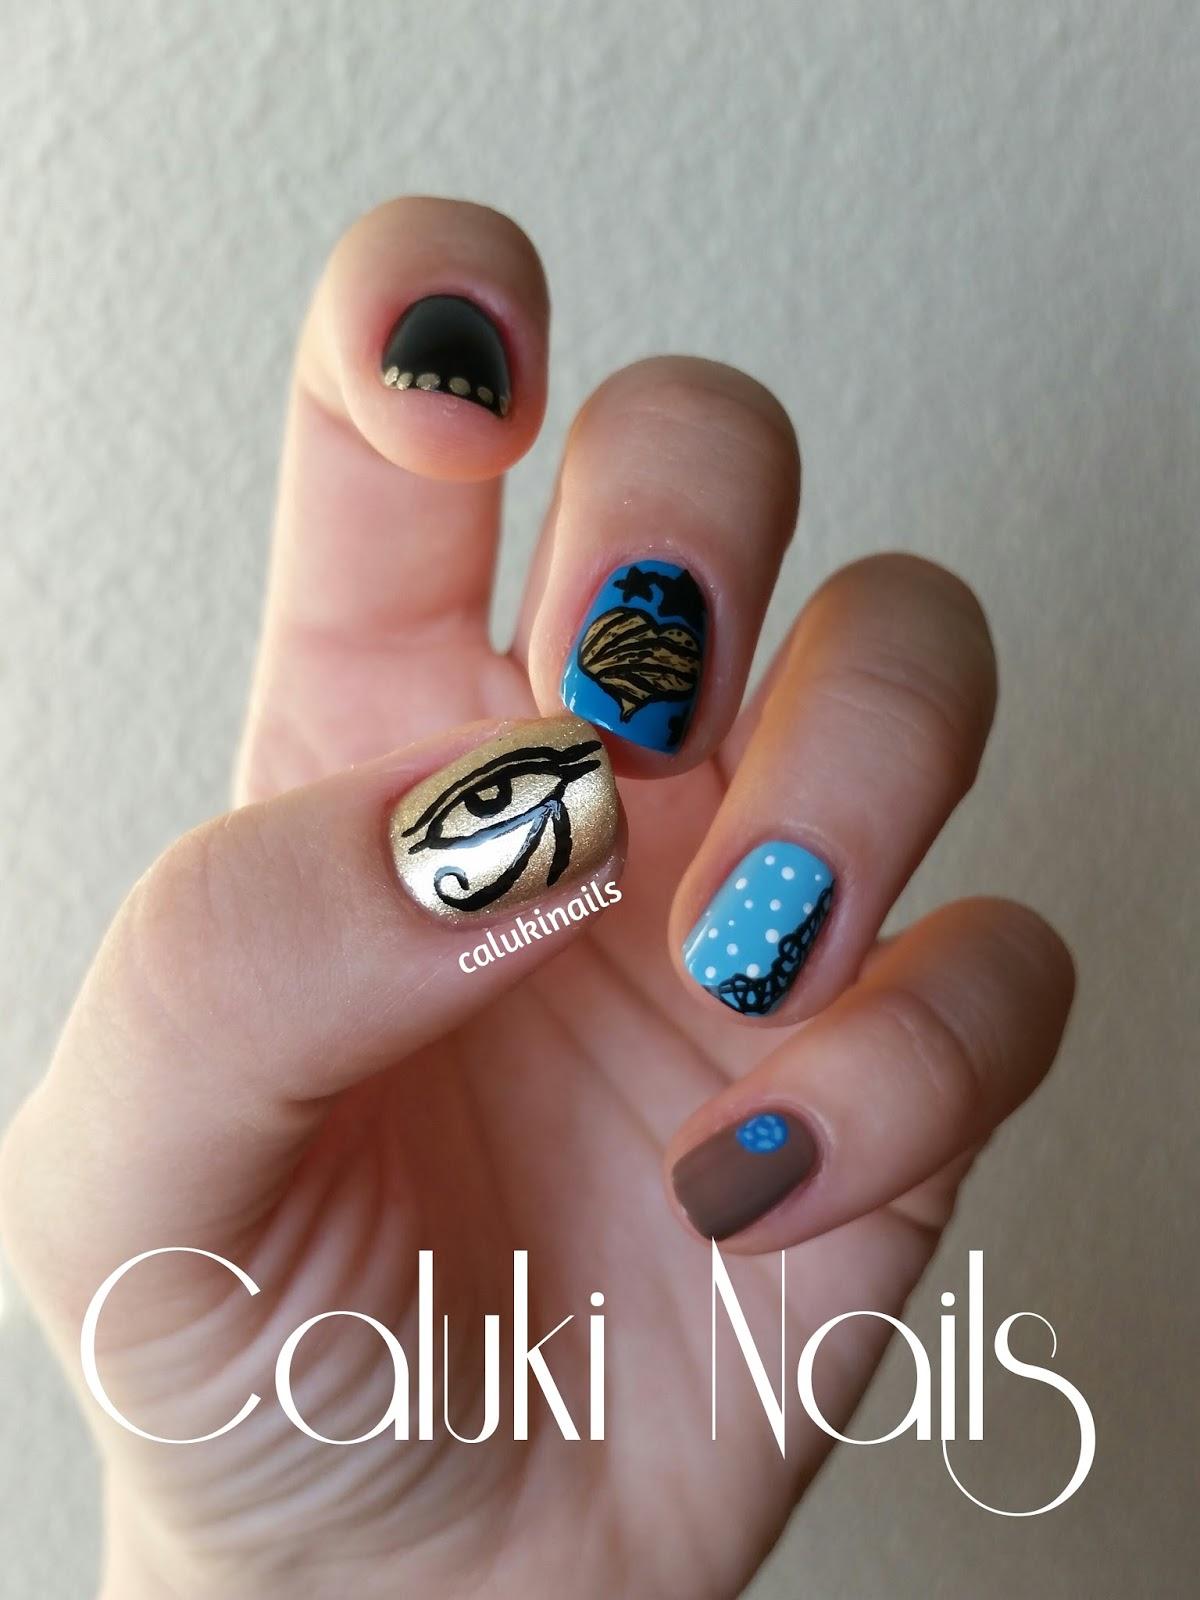 Caluki Nails : mayo 2015